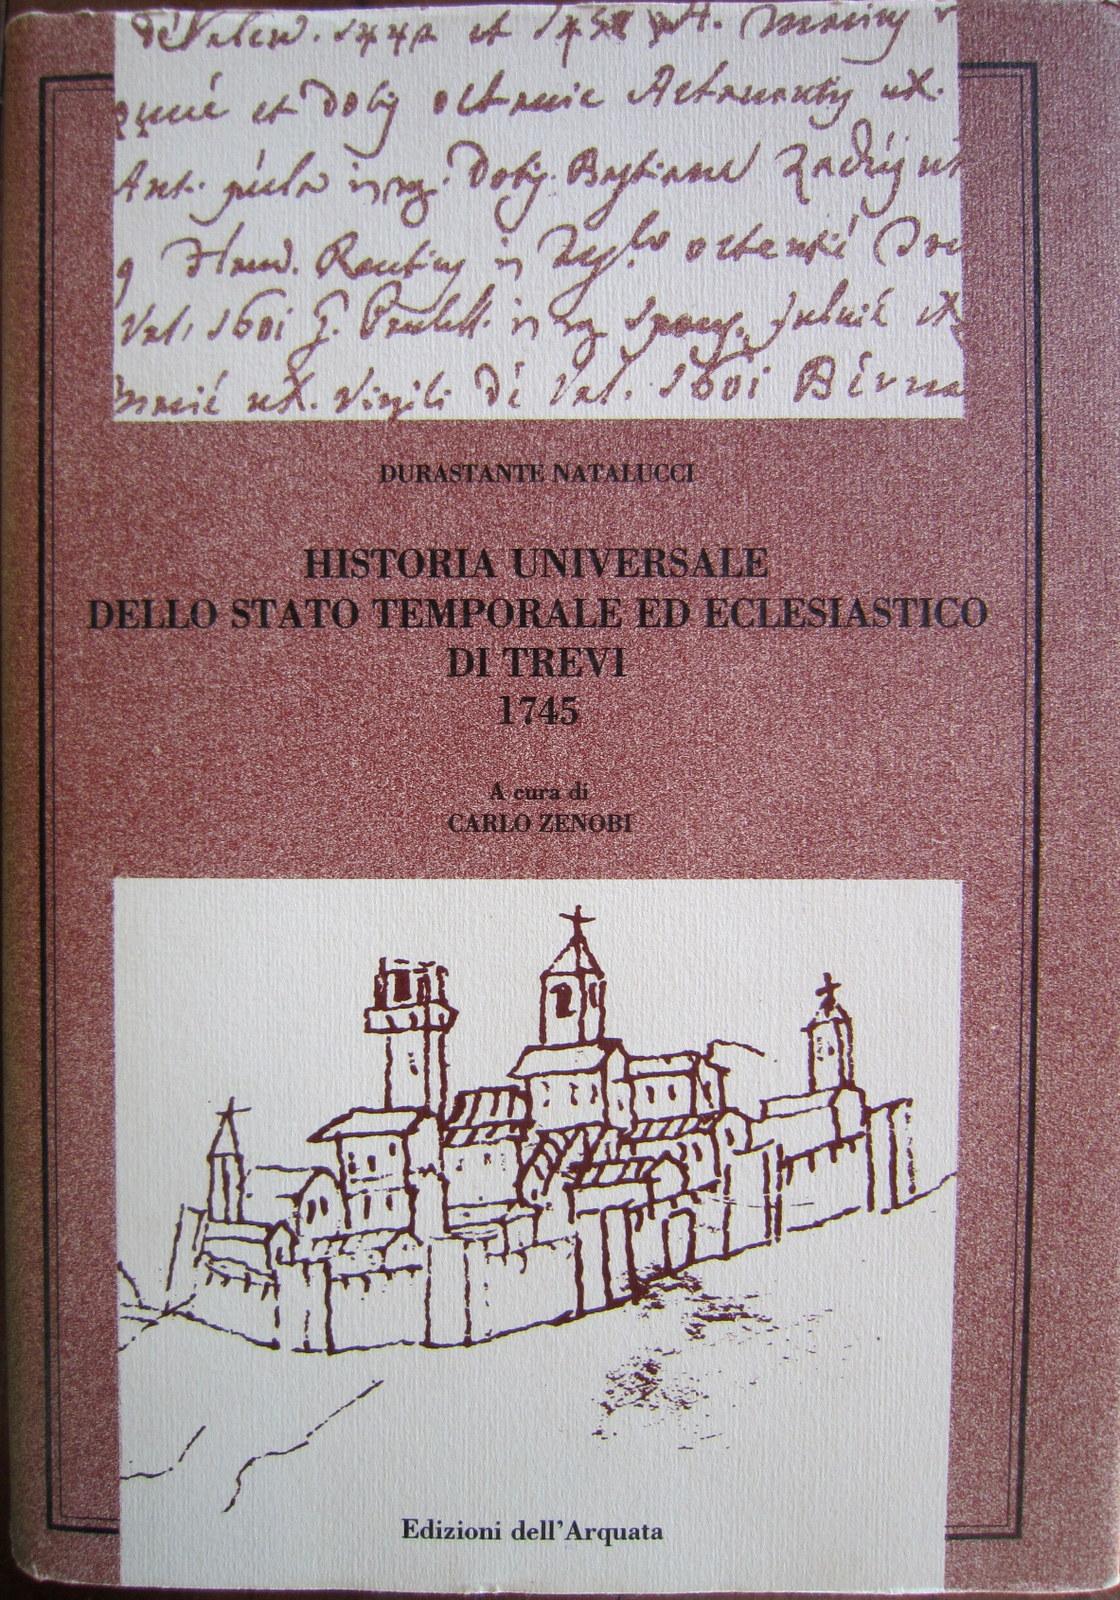 Historia universale dello stato temporale ed eclesiastico di Trevi 1745